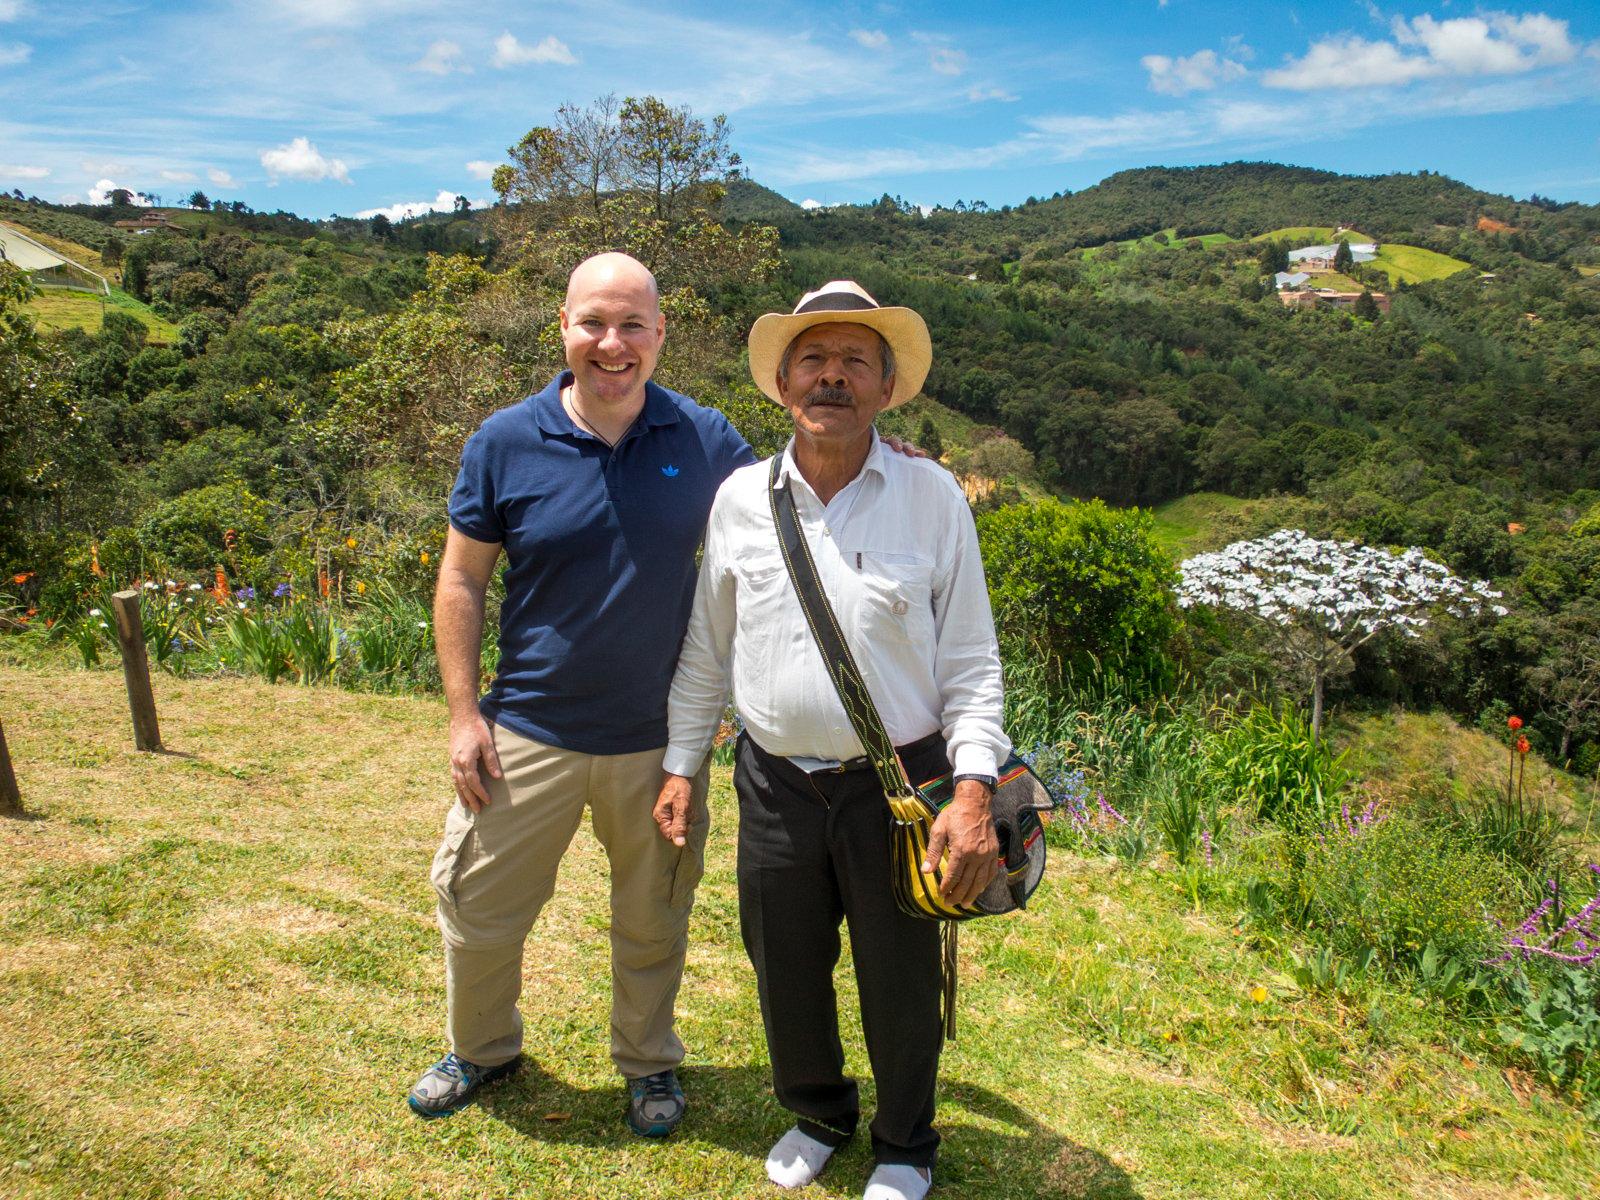 Meeting Don Aristides, an award-winning silletero